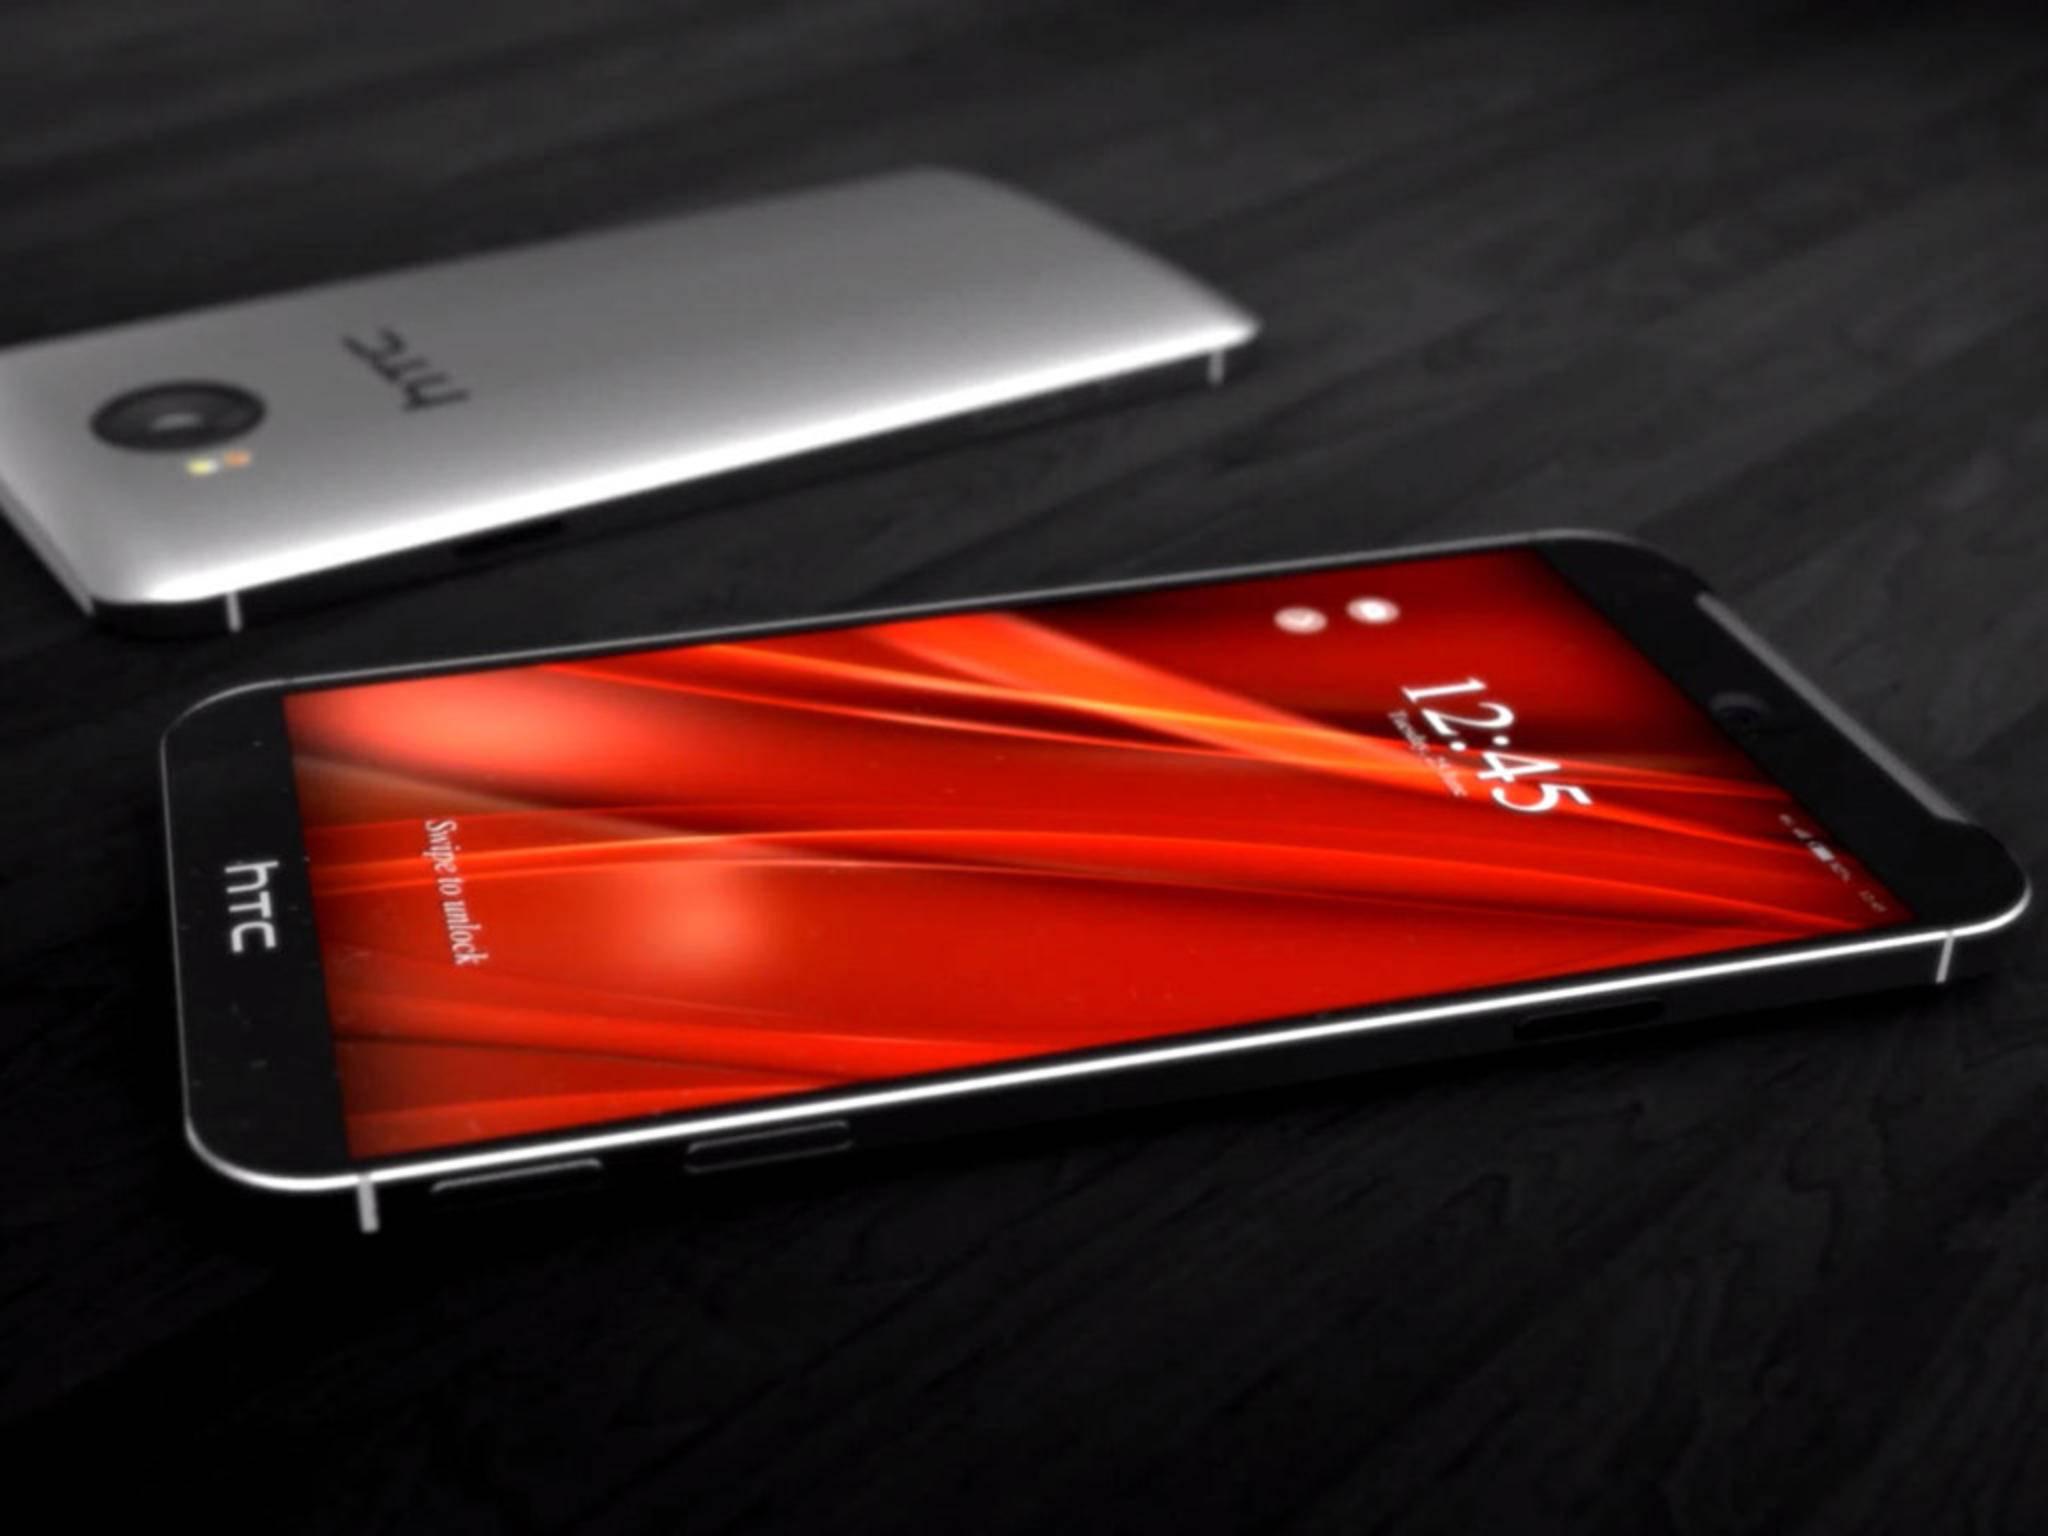 HTC One M10: Launch am 11. April unter neuem Namen?